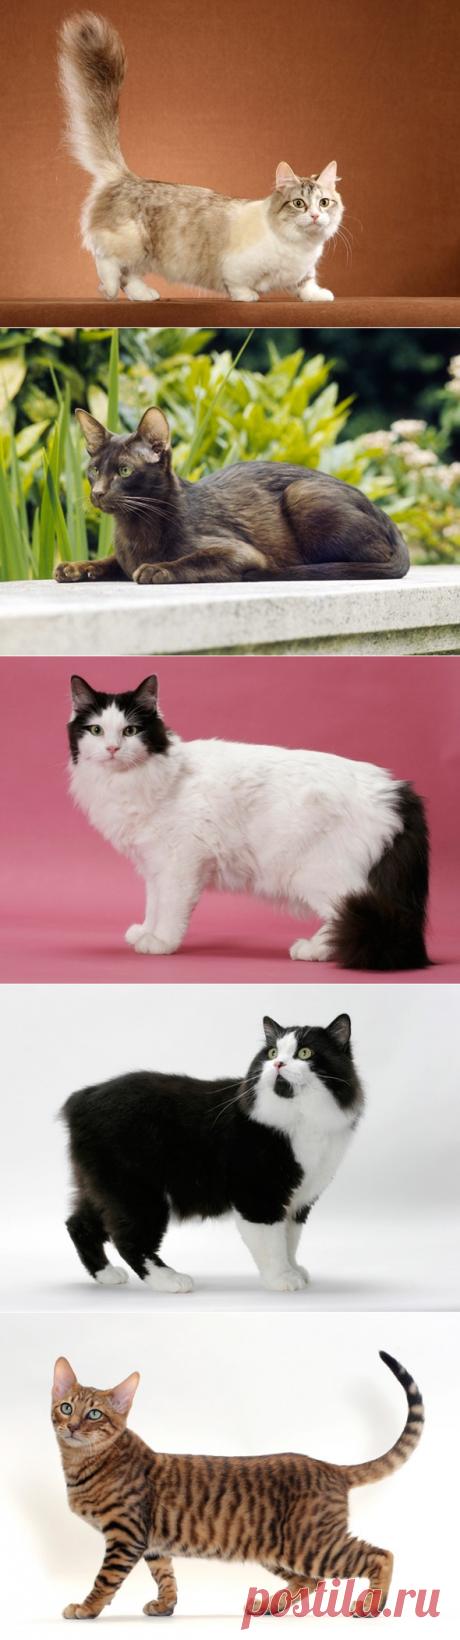 11 необычных пород кошек, которые набирают популярность | PetTips